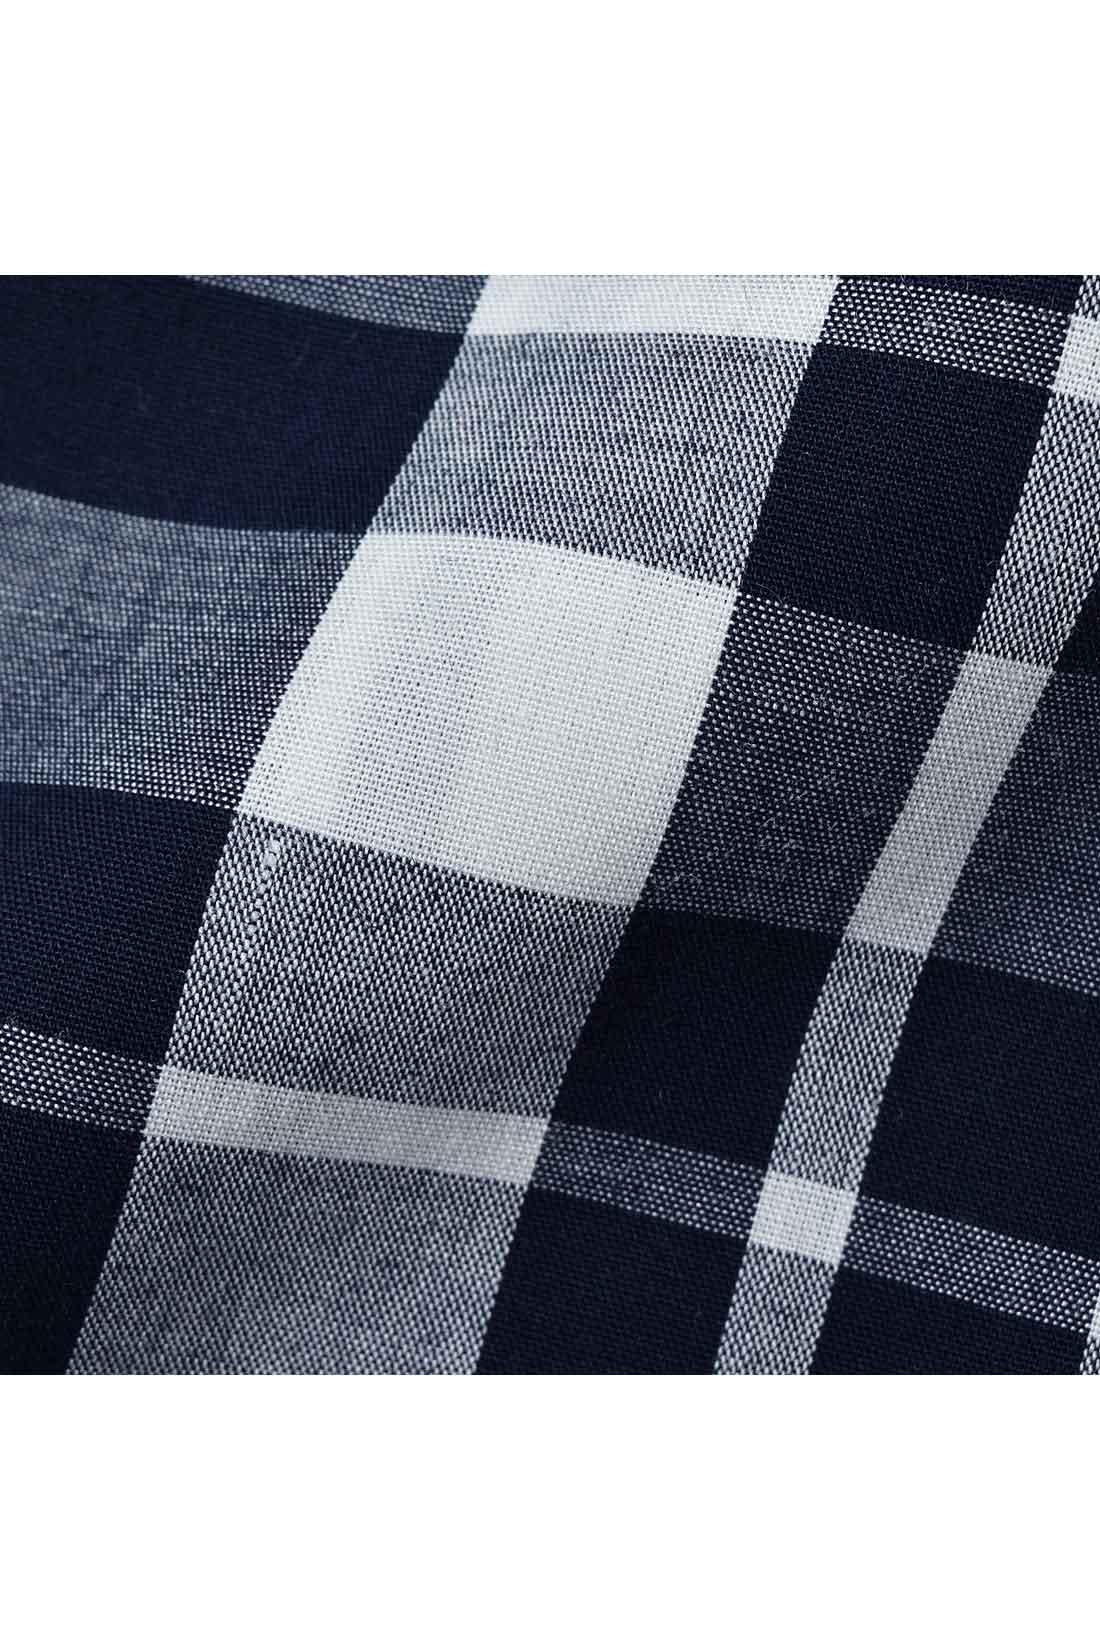 着心地のよい布はく素材。